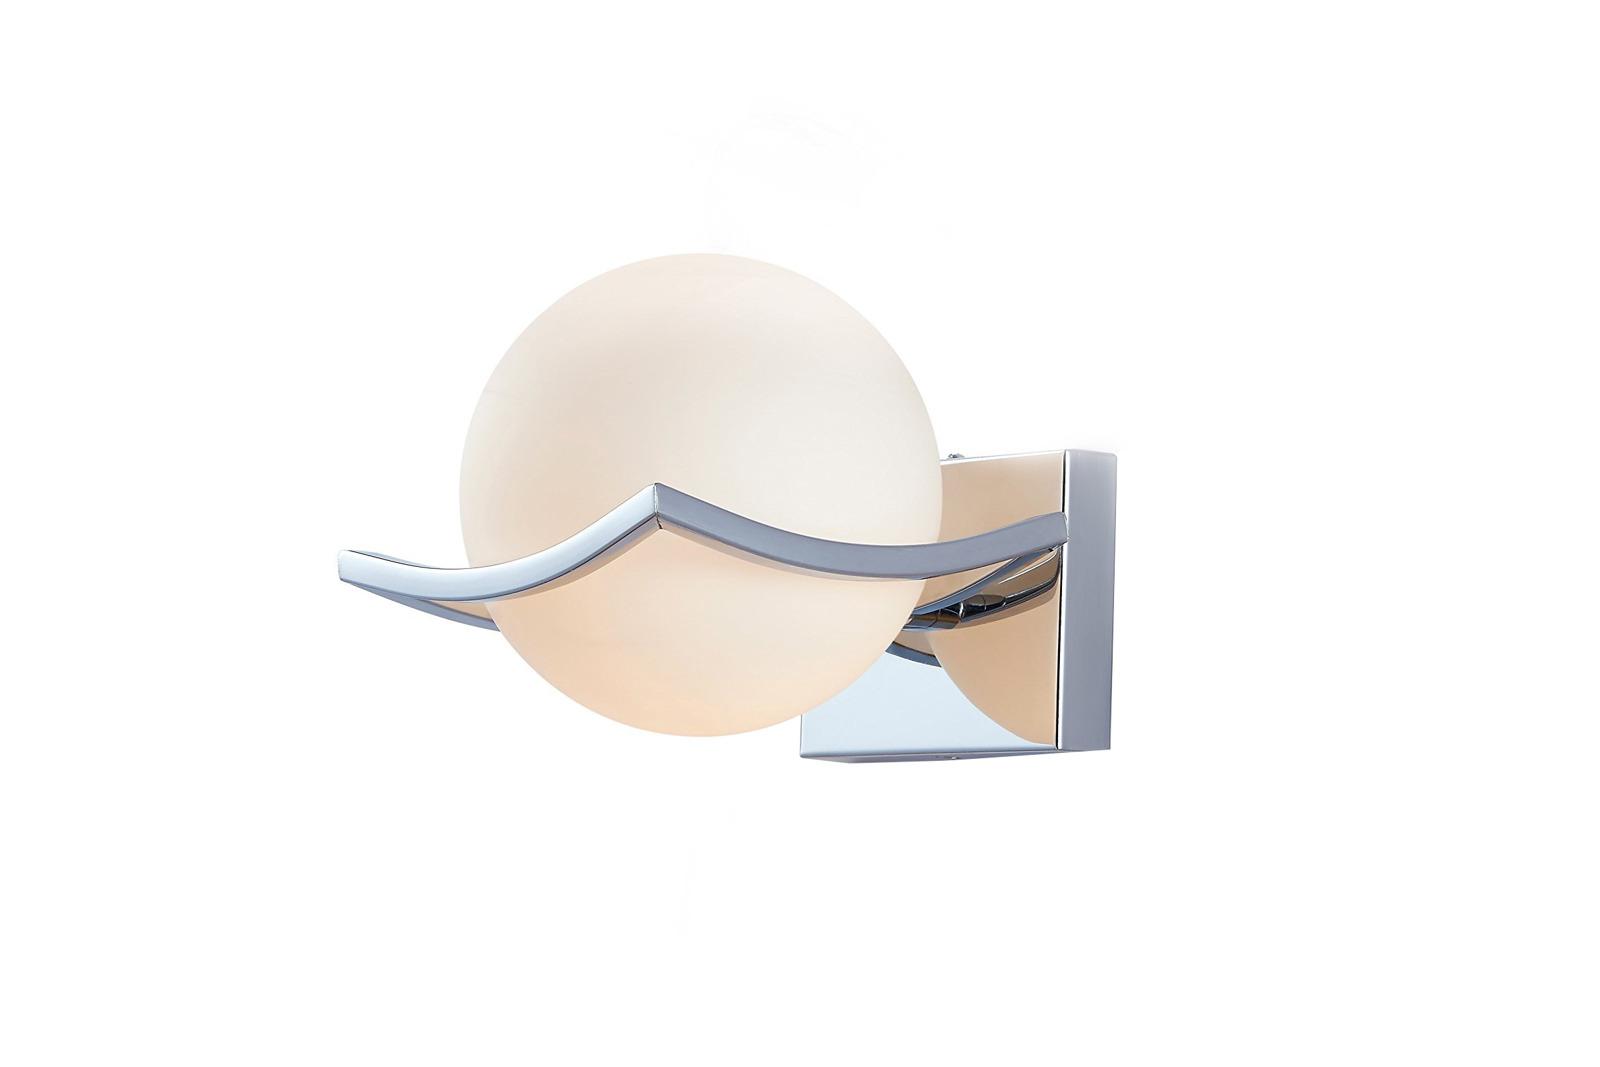 DAXGD LED MODEL 800546